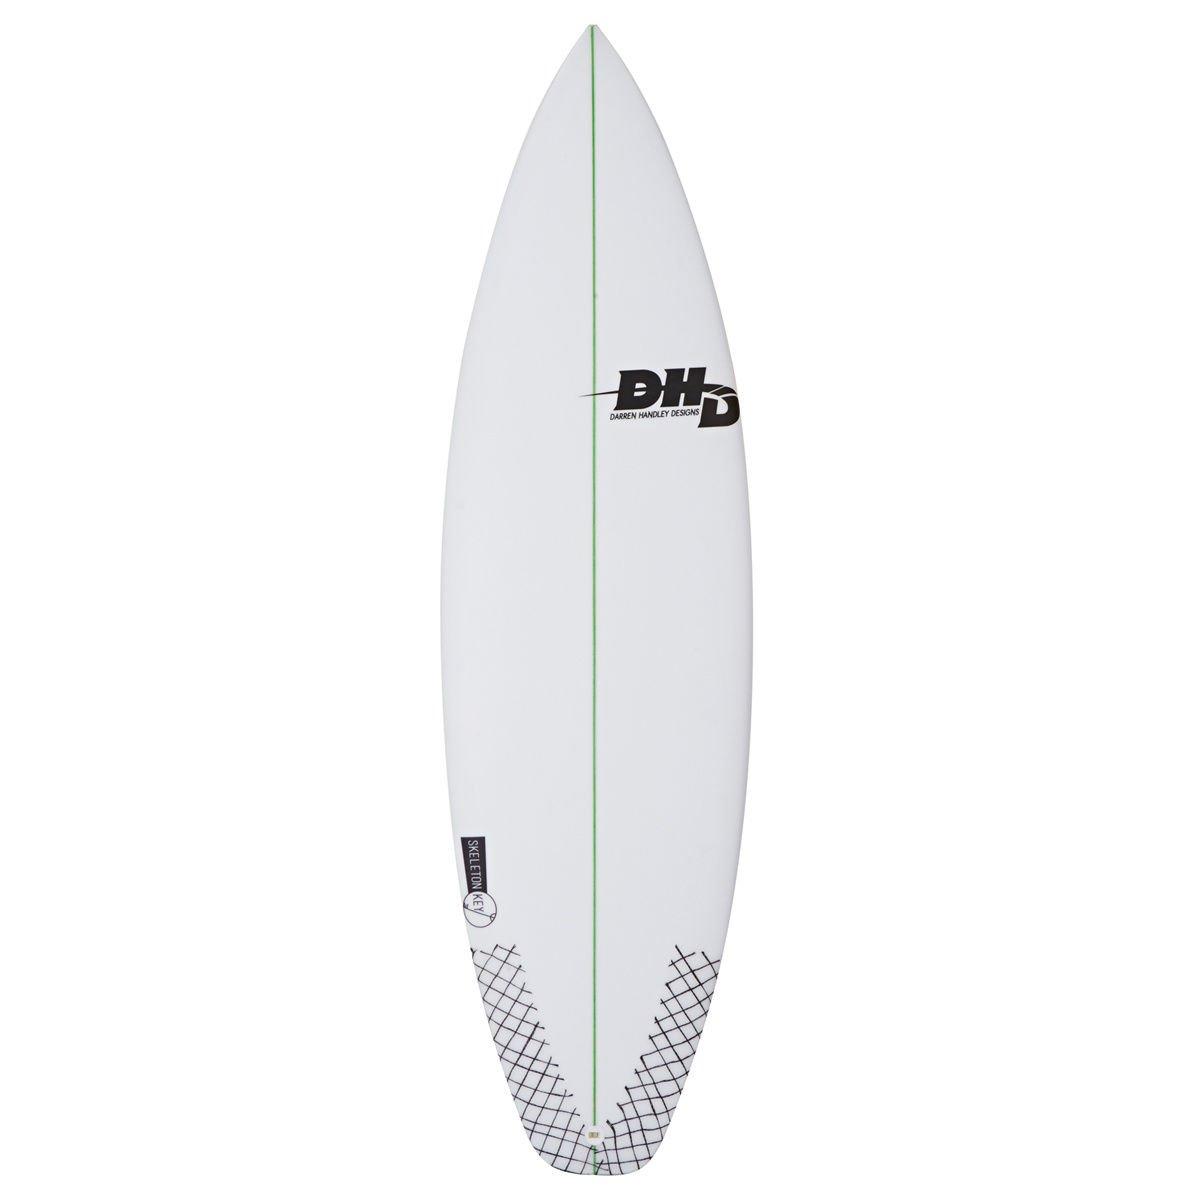 Tabla de surf de esqueleto DHD - llaves blanco Blanco blanco Talla:5ft 10: Amazon.es: Deportes y aire libre